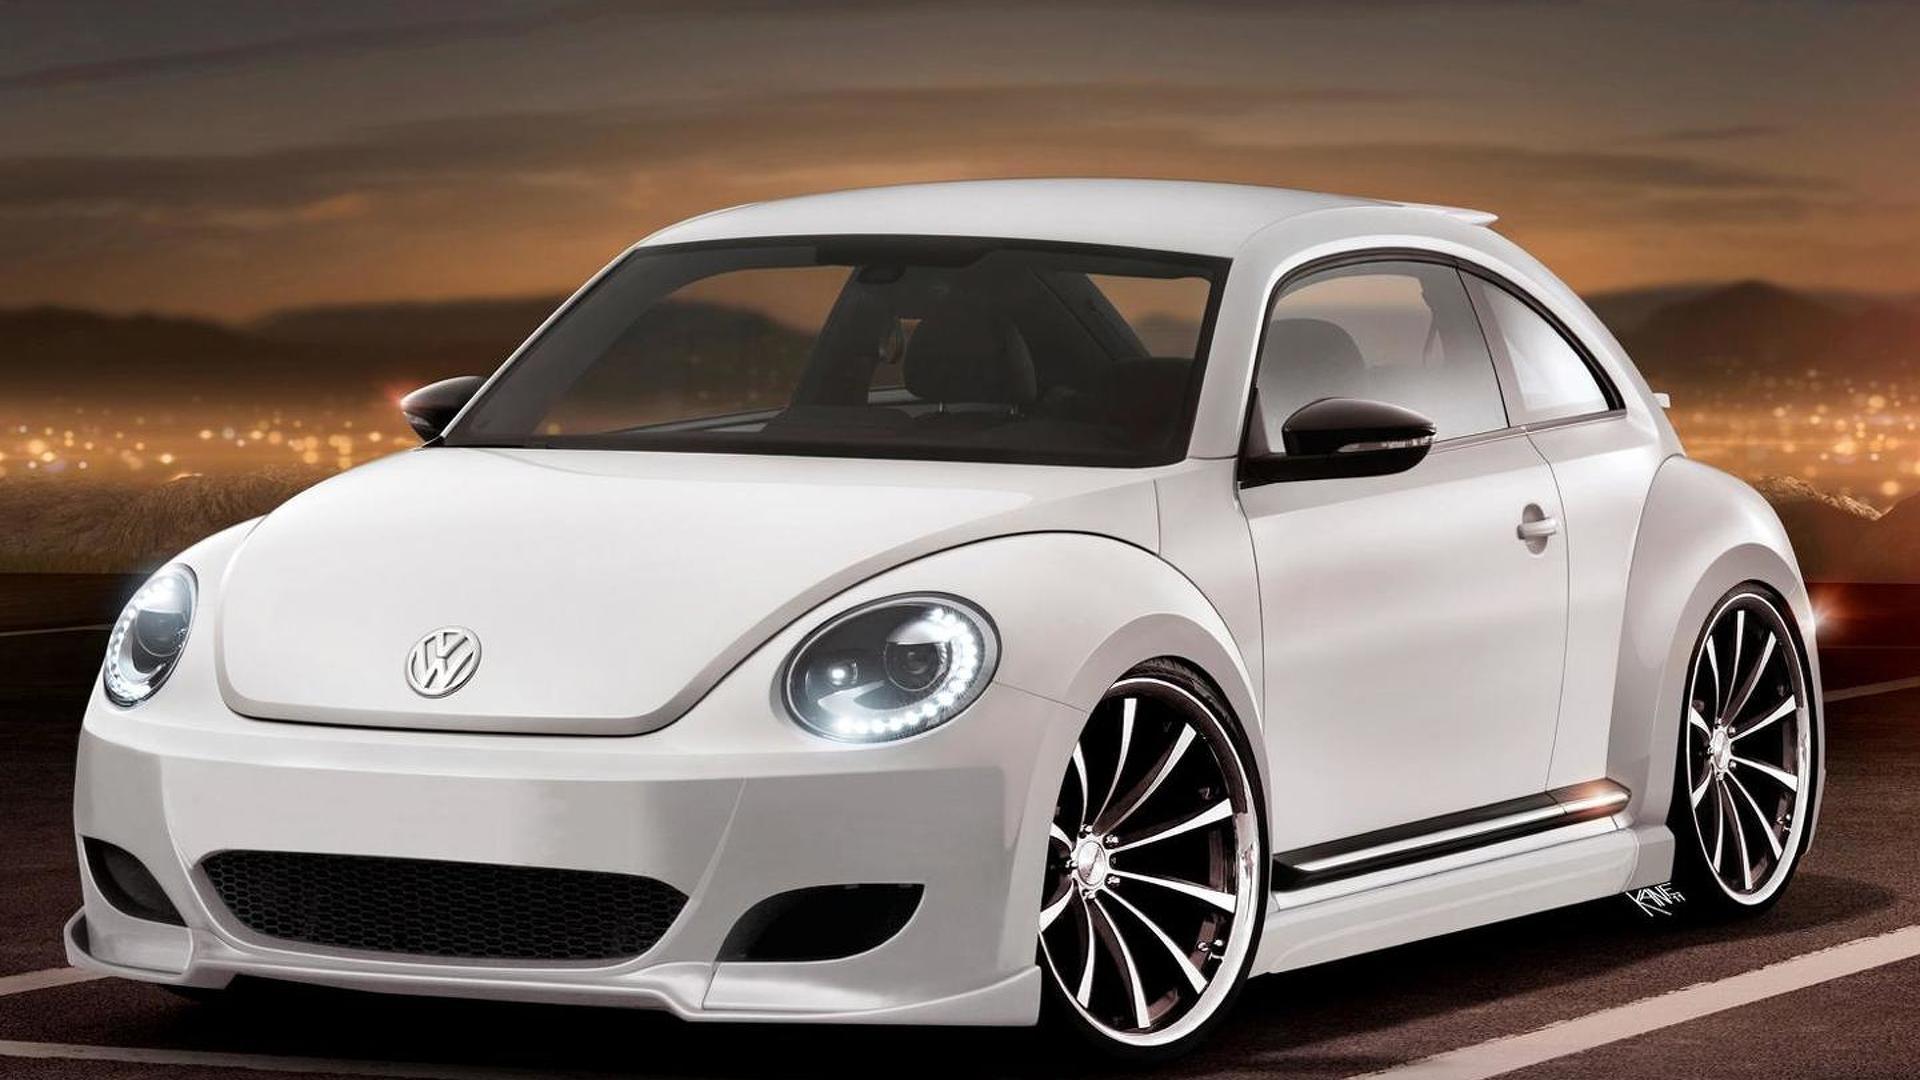 VW Beetle debuts - Beetle R speculation begins